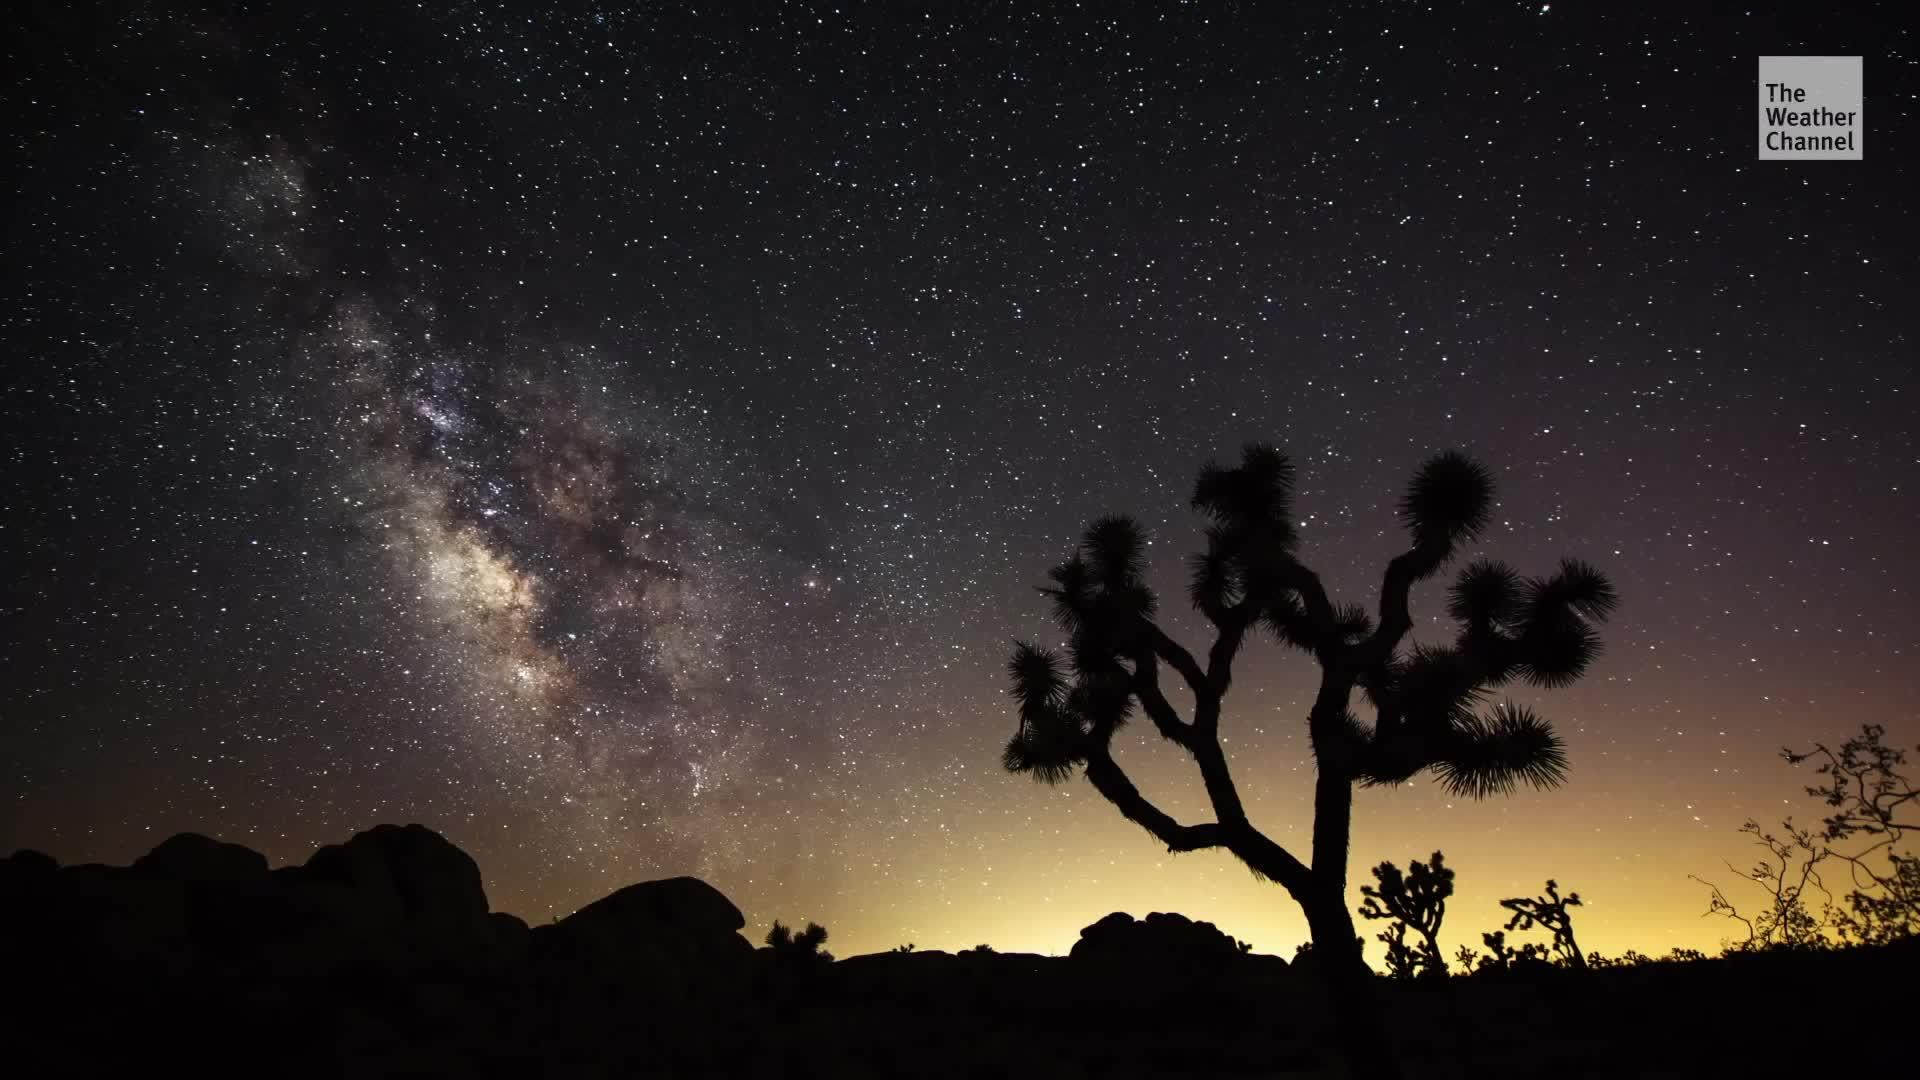 Un nuevo estudio encuentra que el cambio climático podría diezmar los árboles Joshua, icónicos del Suroeste.